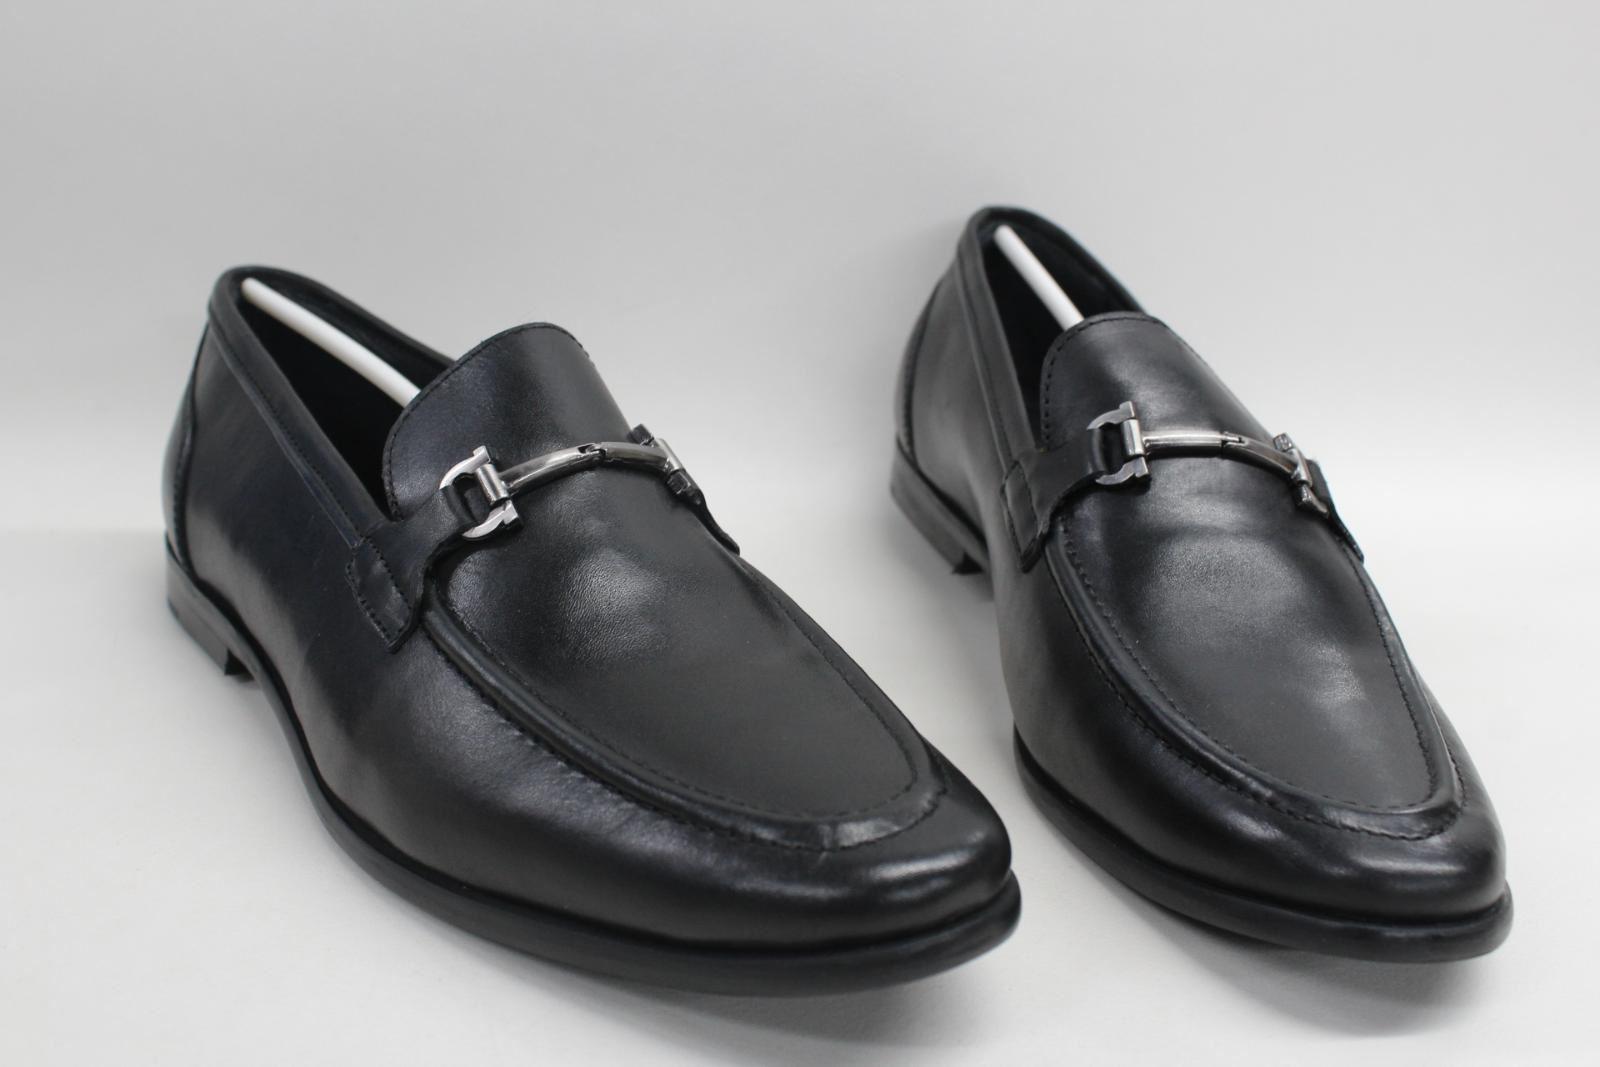 Goodwin-Smith-Herren-Milano-Leder-Pferd-Bit-Loafer-Slipper-Schuhe-uk9-eu43-NEU